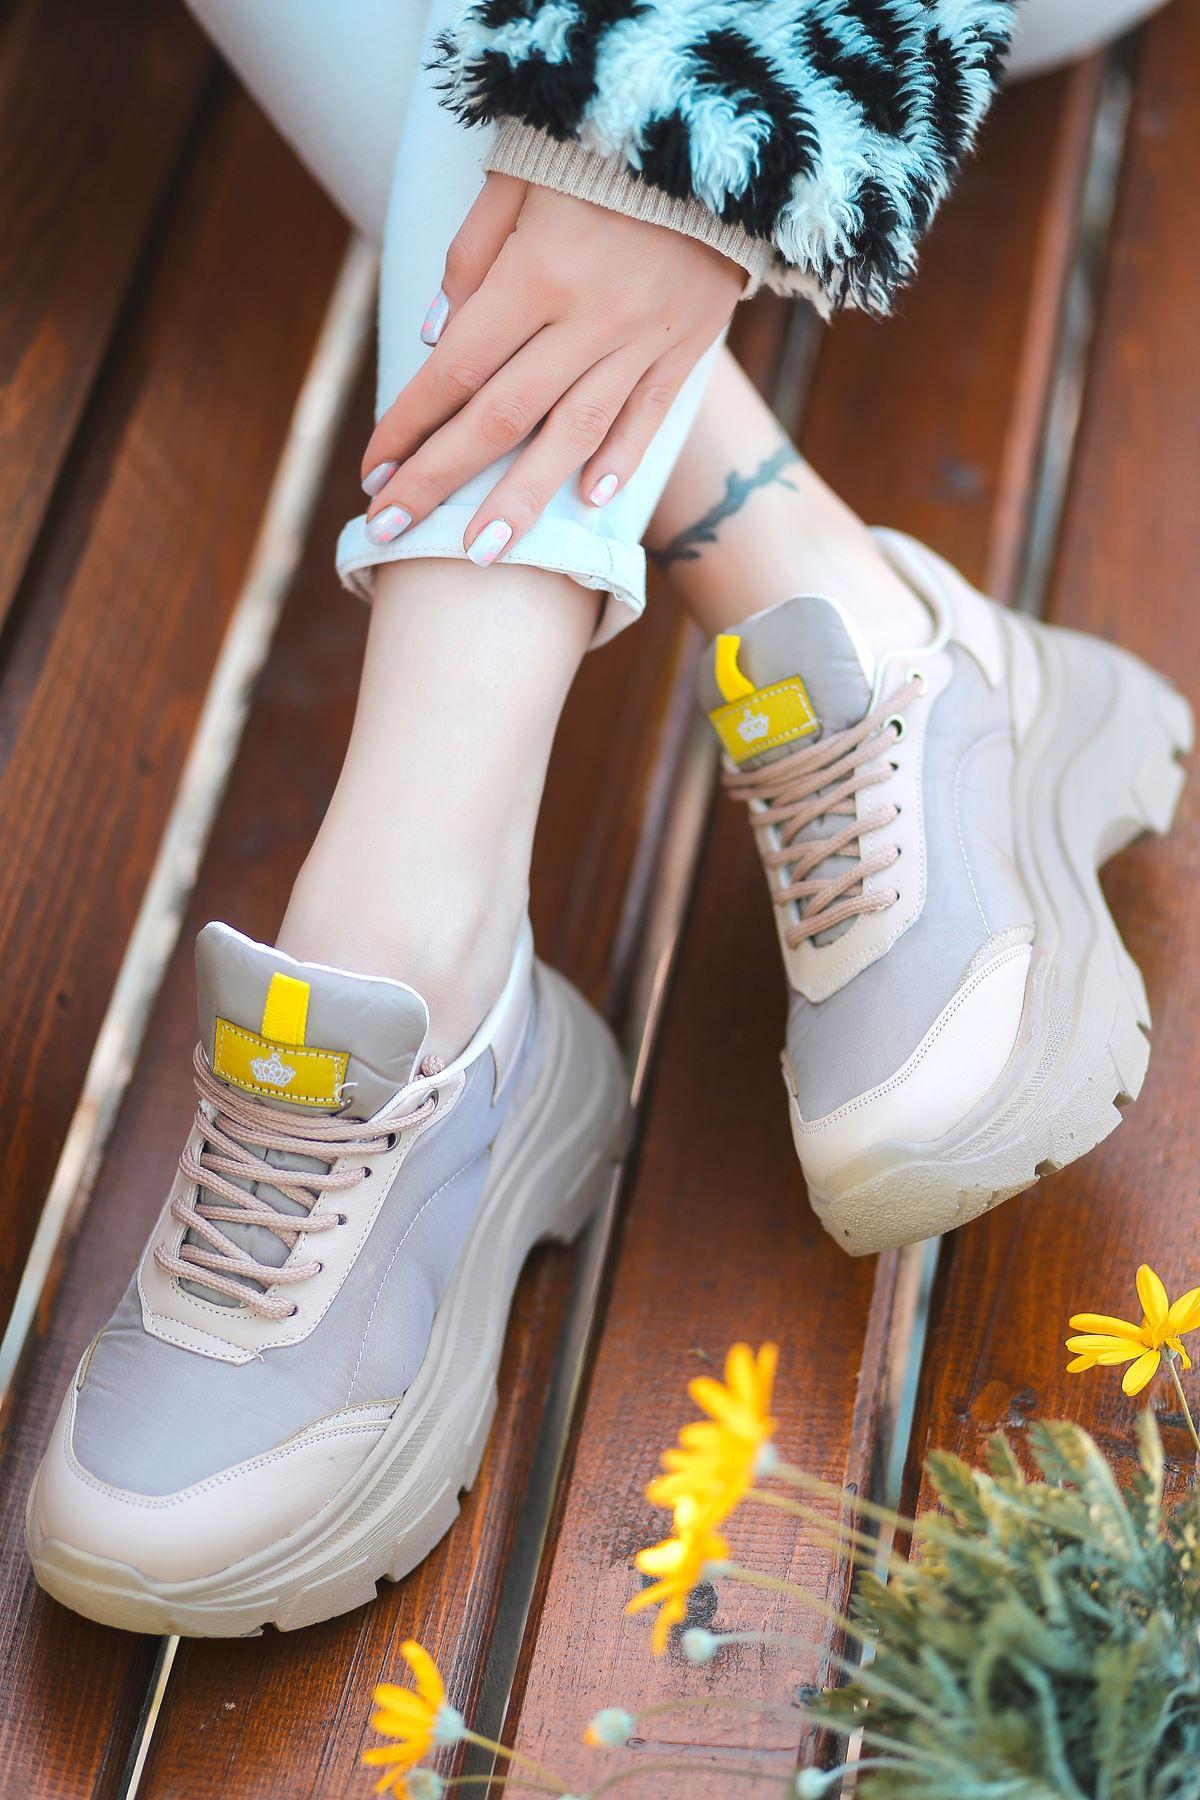 Aberto Bağcık Detaylı Vizon Parçalı Gri Paraşüt Kadın Spor Ayakkabı